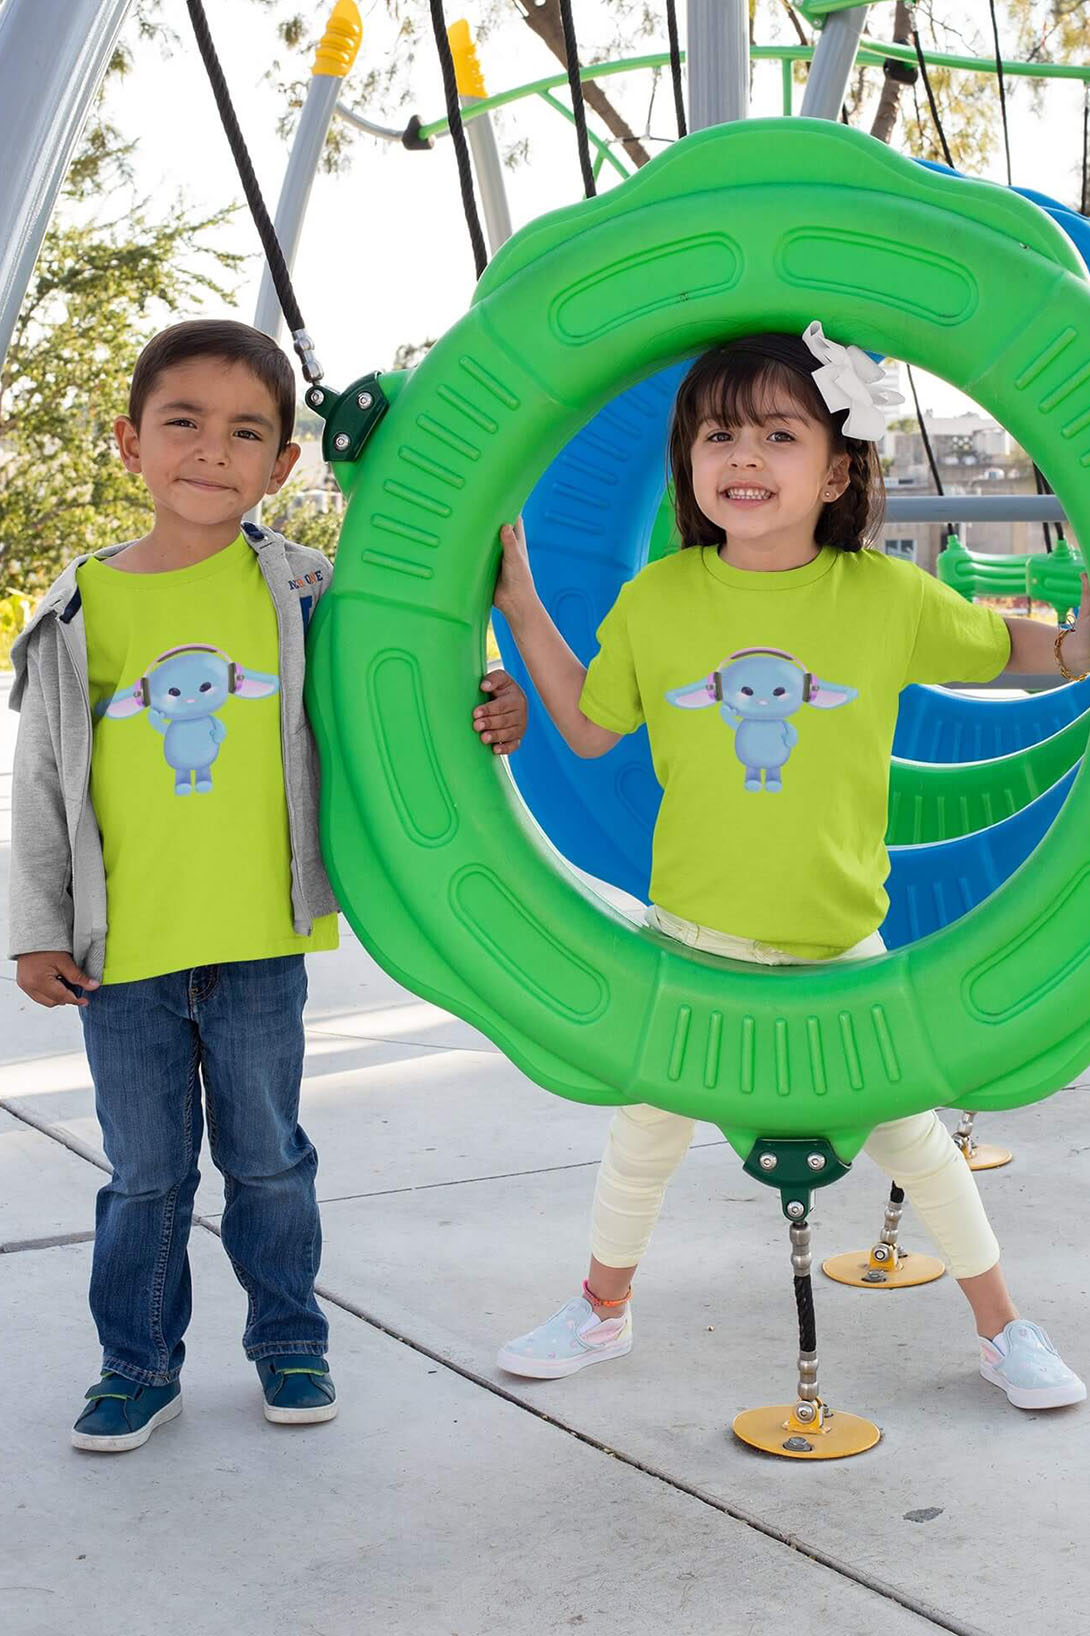 MMO Detské tričko Zajac so slúchadlami Vyberte farbu:: Žltá, Detská veľkosť: 146/10 rokov